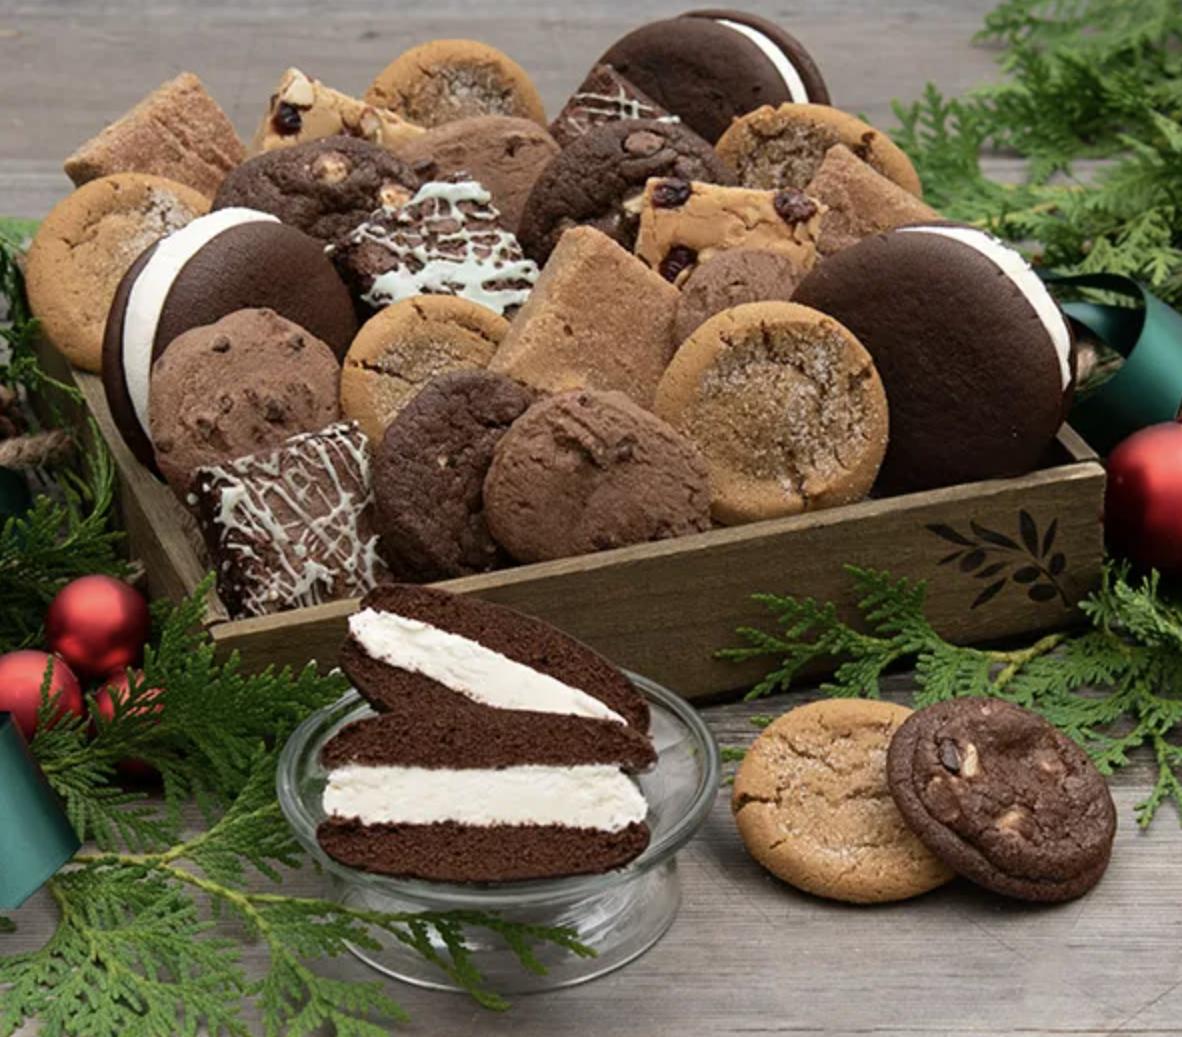 various cookies, brownies, blondies, and whoopie pies